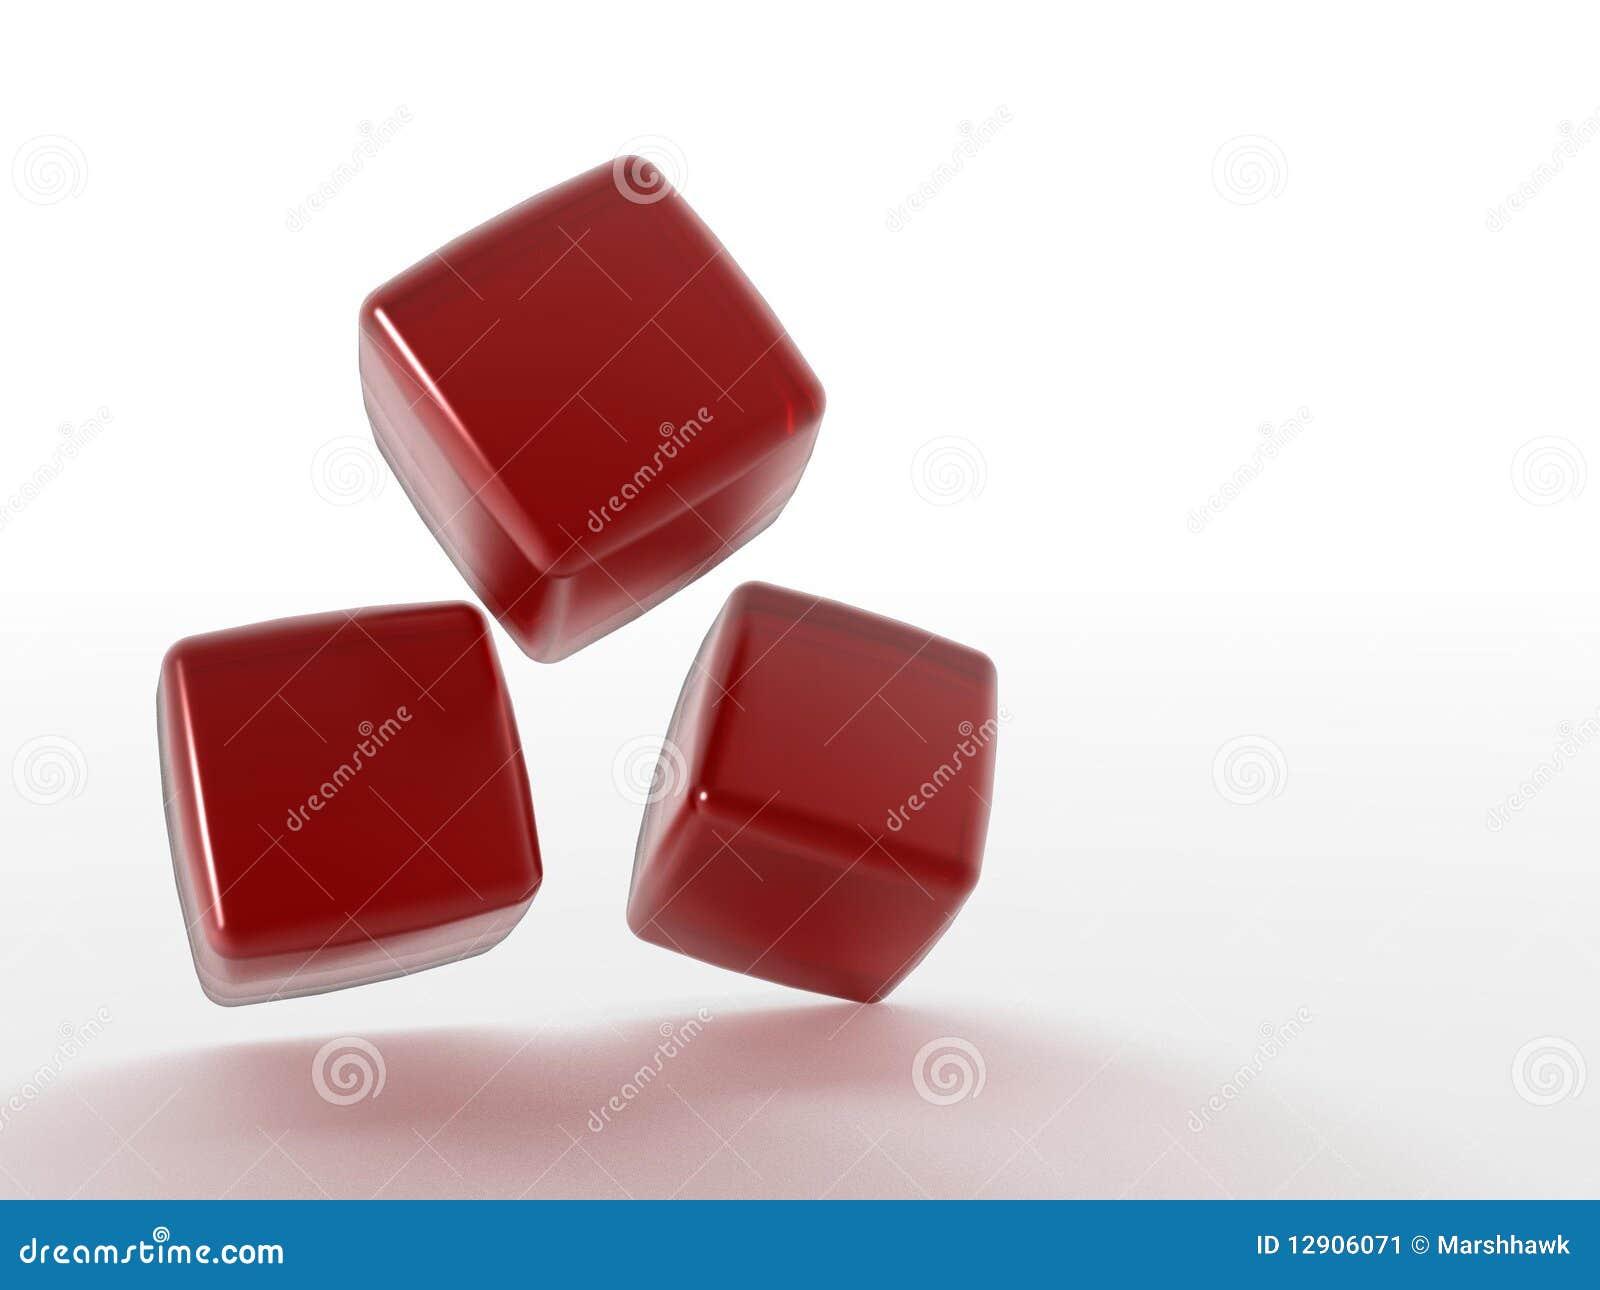 Cubi rossi tridimensionali illustrazione di stock for Immagini tridimensionali gratis